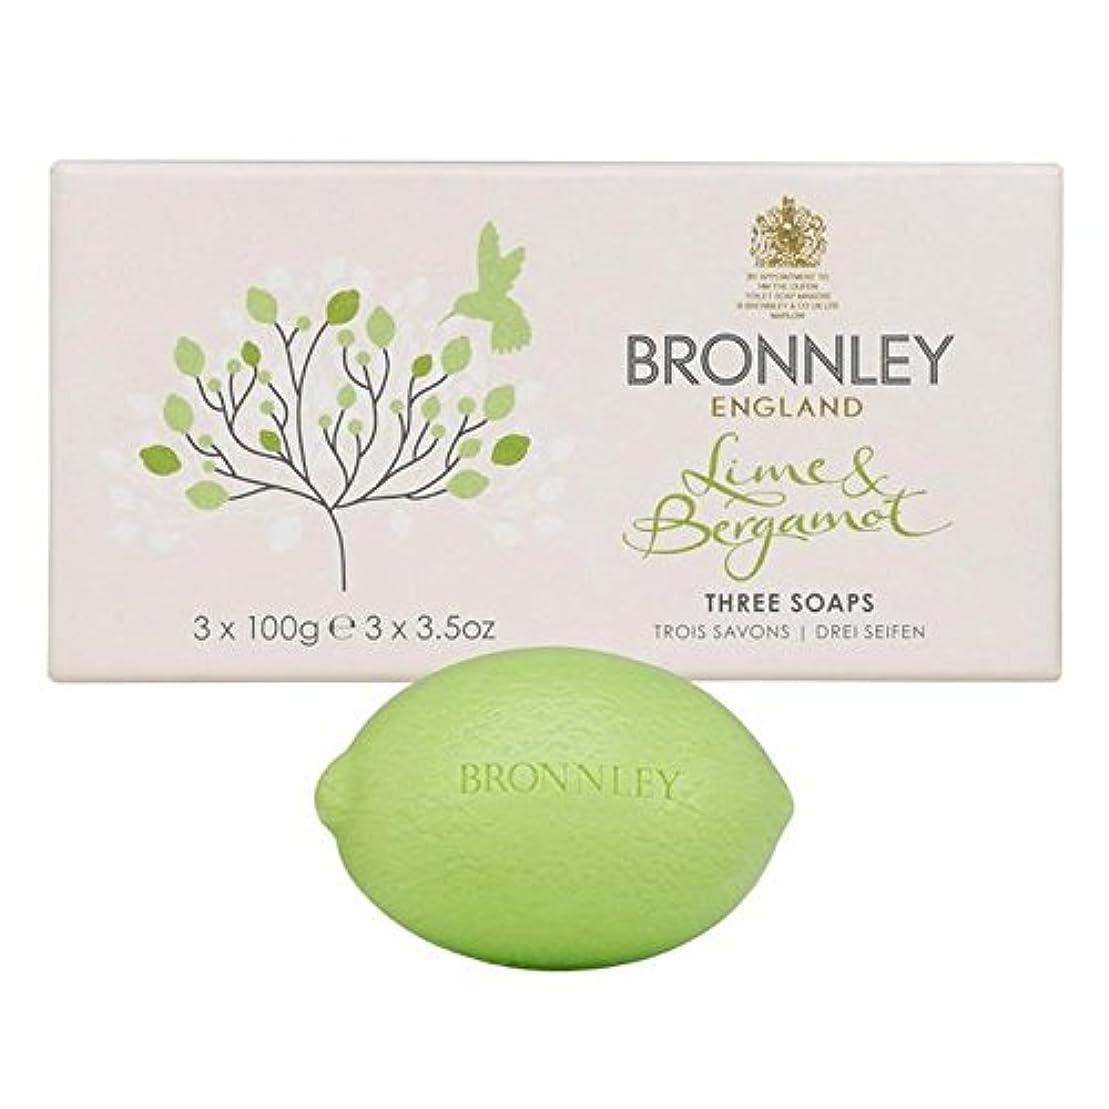 やさしい掘るアコーライム&ベルガモット石鹸3×100グラム x4 - Bronnley Lime & Bergamot Soap 3 x 100g (Pack of 4) [並行輸入品]